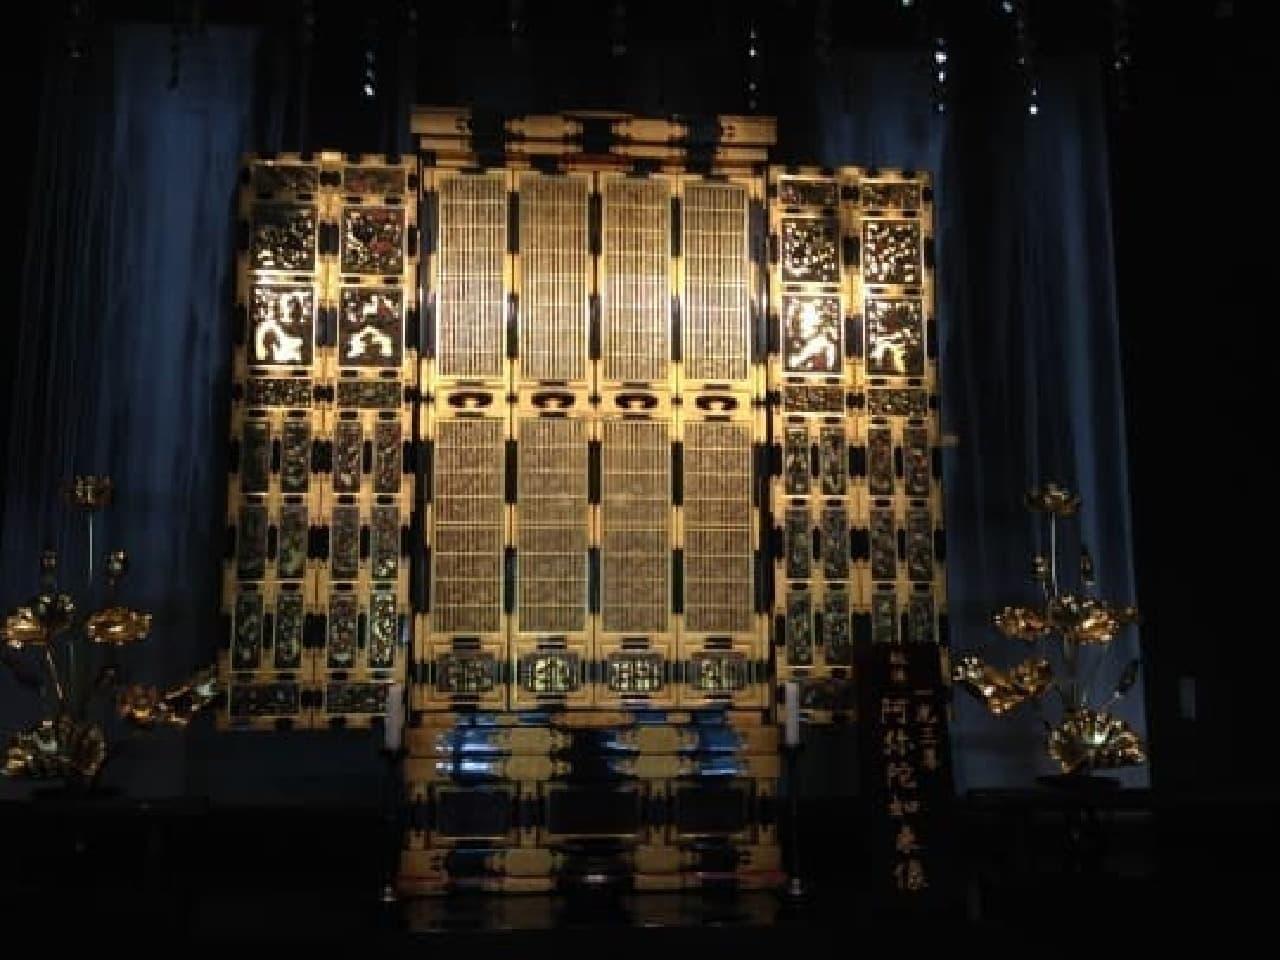 回向院の念仏堂